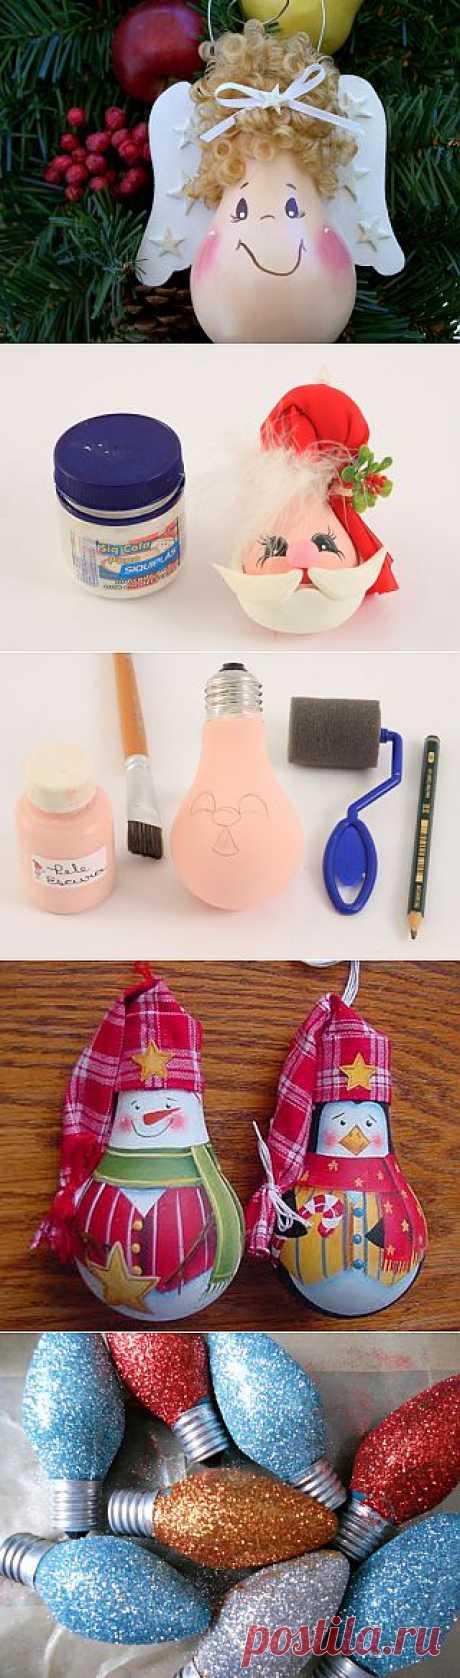 Делаем игрушки из перегоревших лампочек. Идеи и мастер-классы.